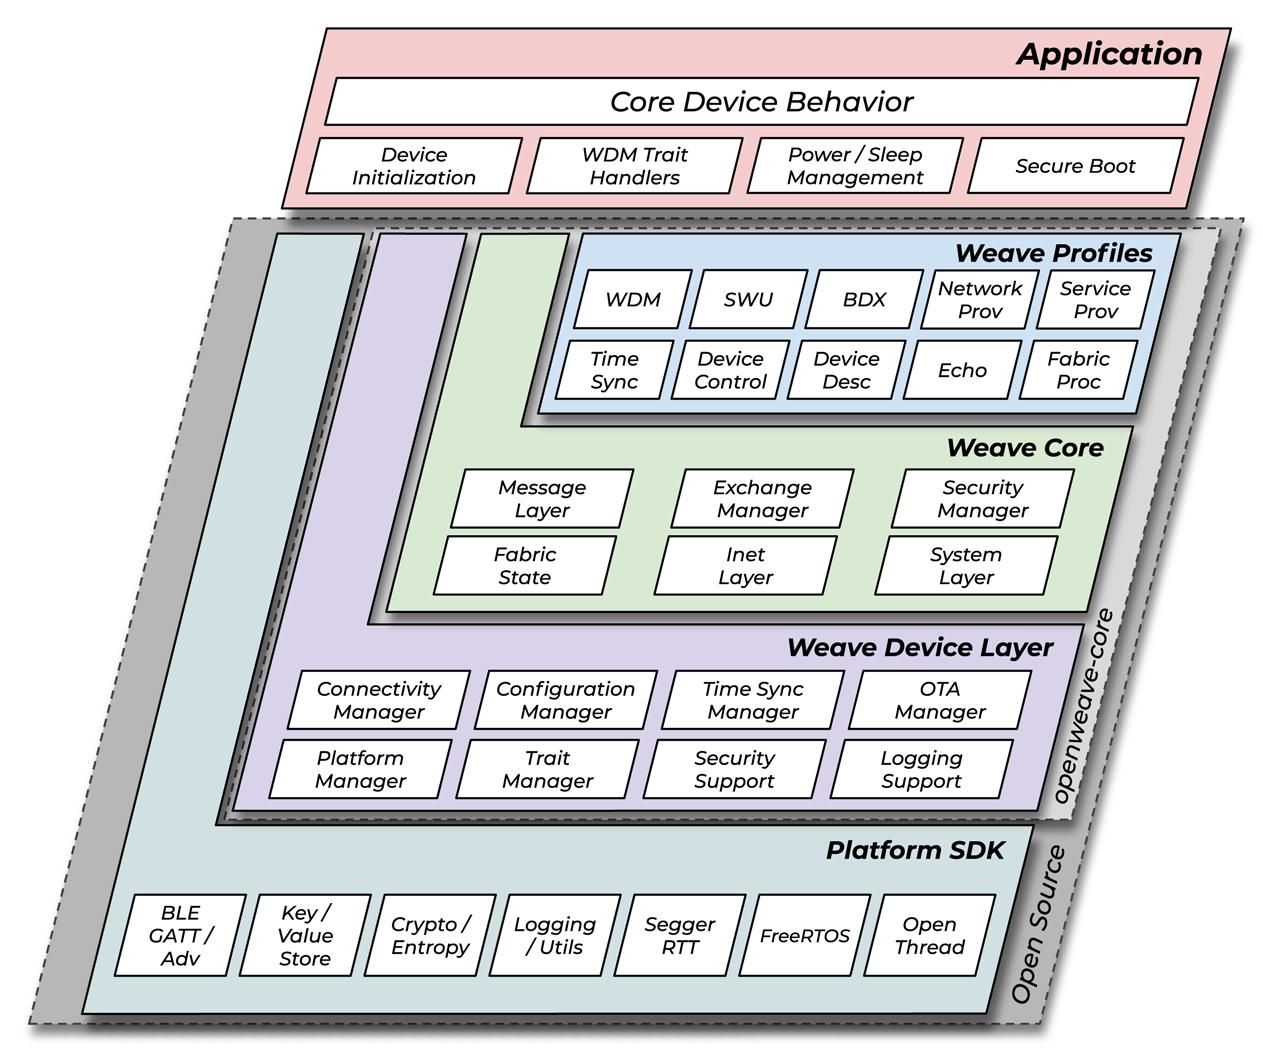 Architettura OpenWeave Device Layer